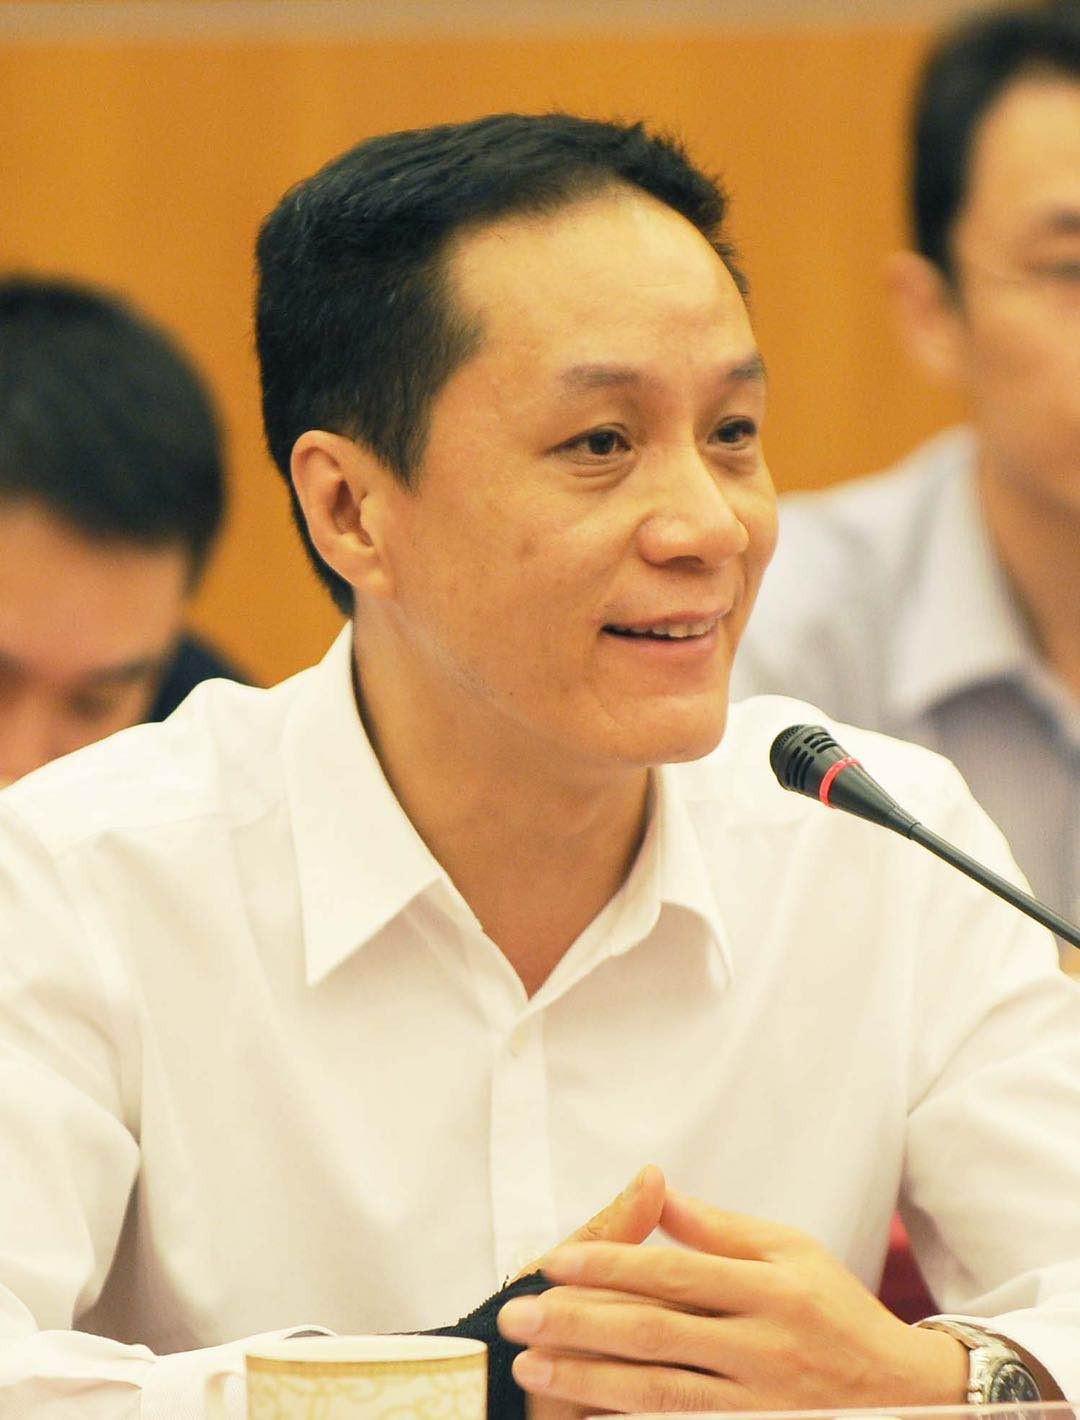 演员冯远征拟任北京人艺副院长 试用期一年_图1-1